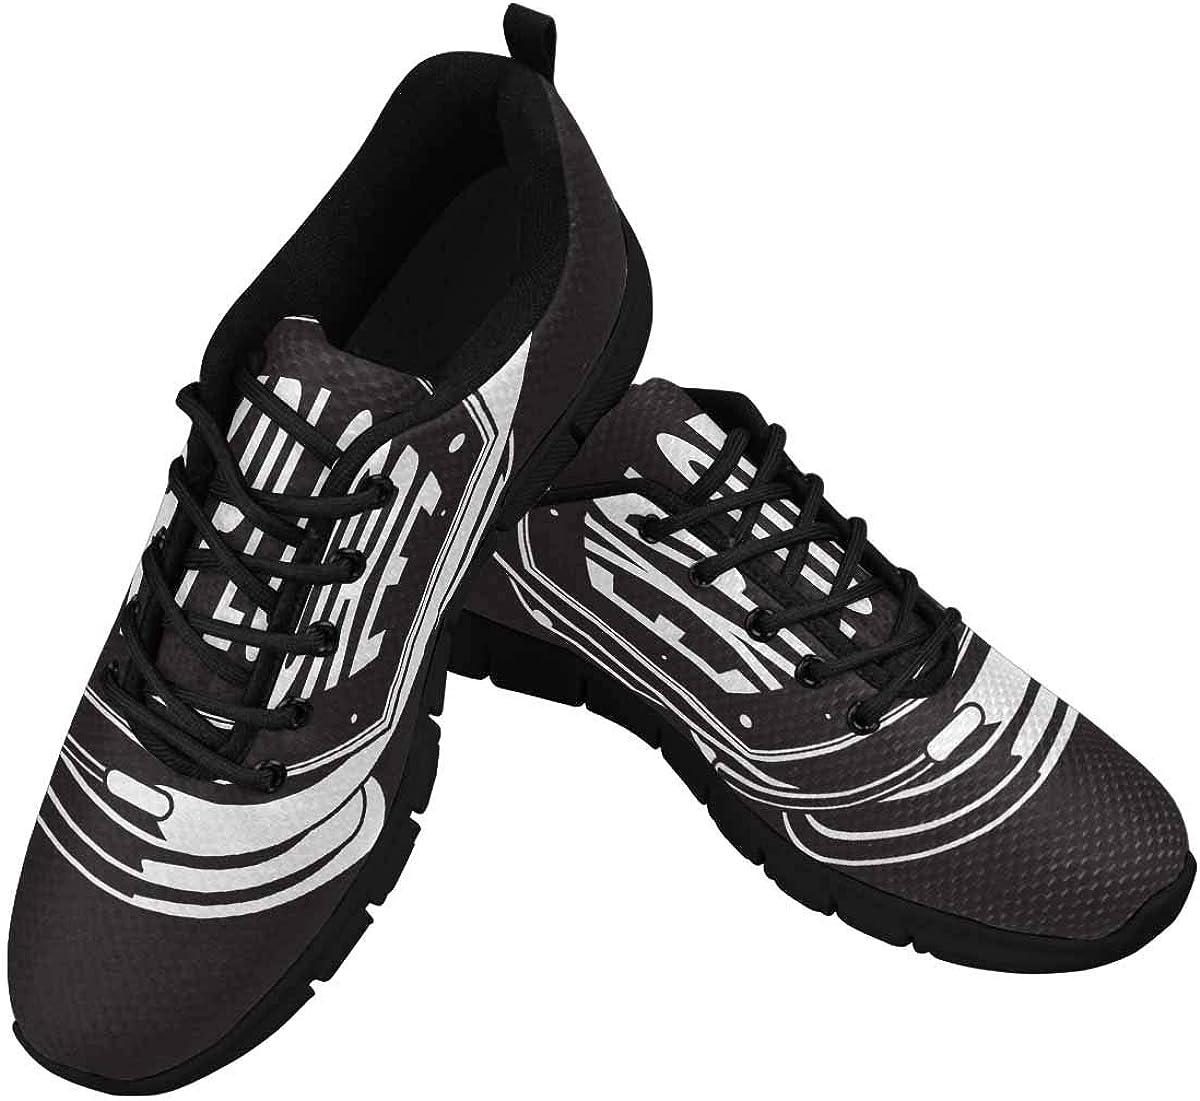 InterestPrint Helmet with Explore Word Graphic Women's Tennis Running Shoes Lightweight Sneakers